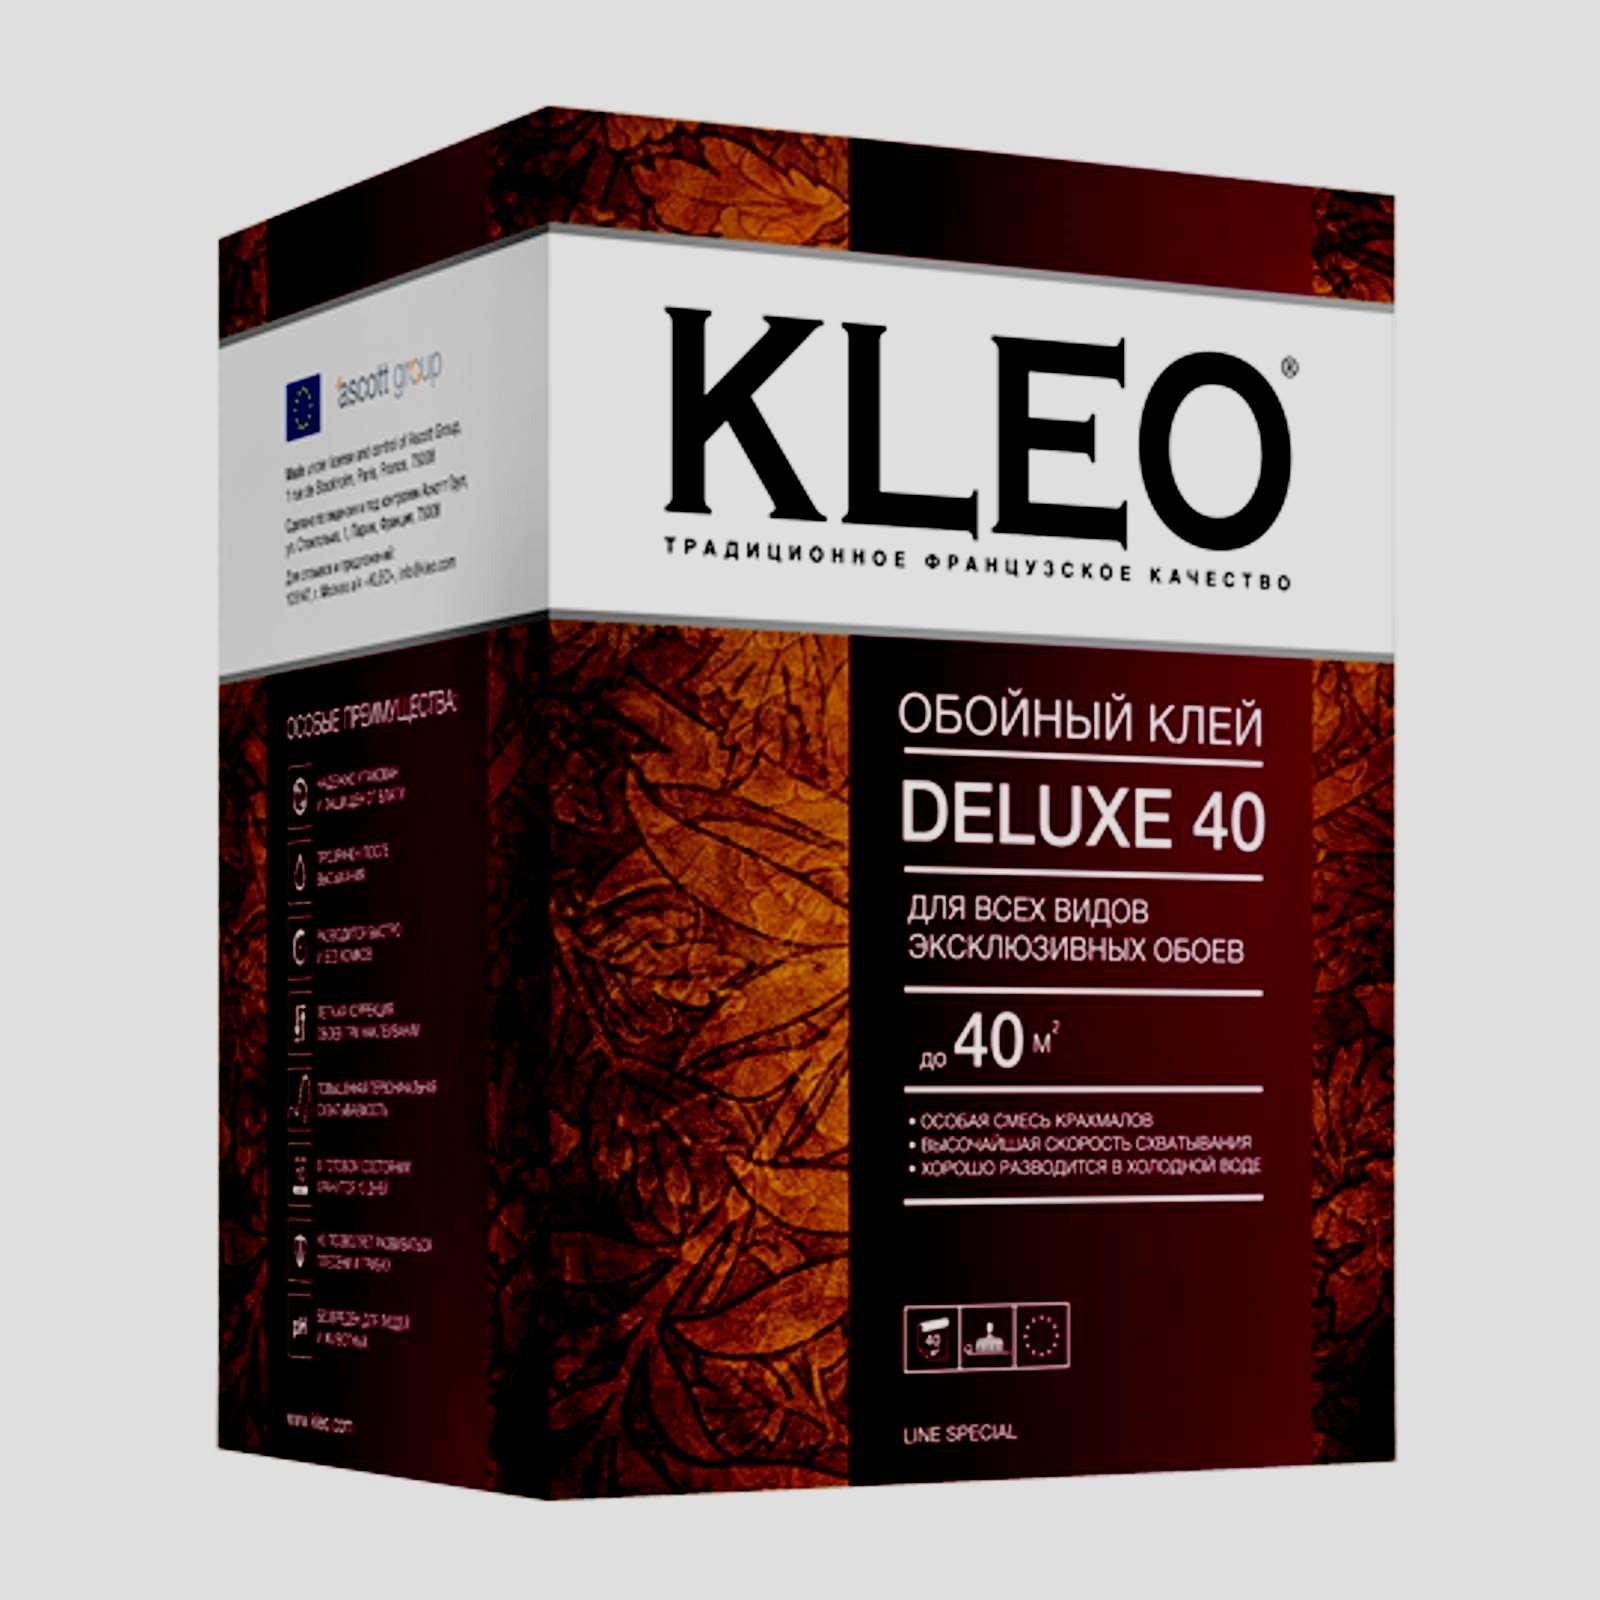 Kleo Deluxe эксклюзивный